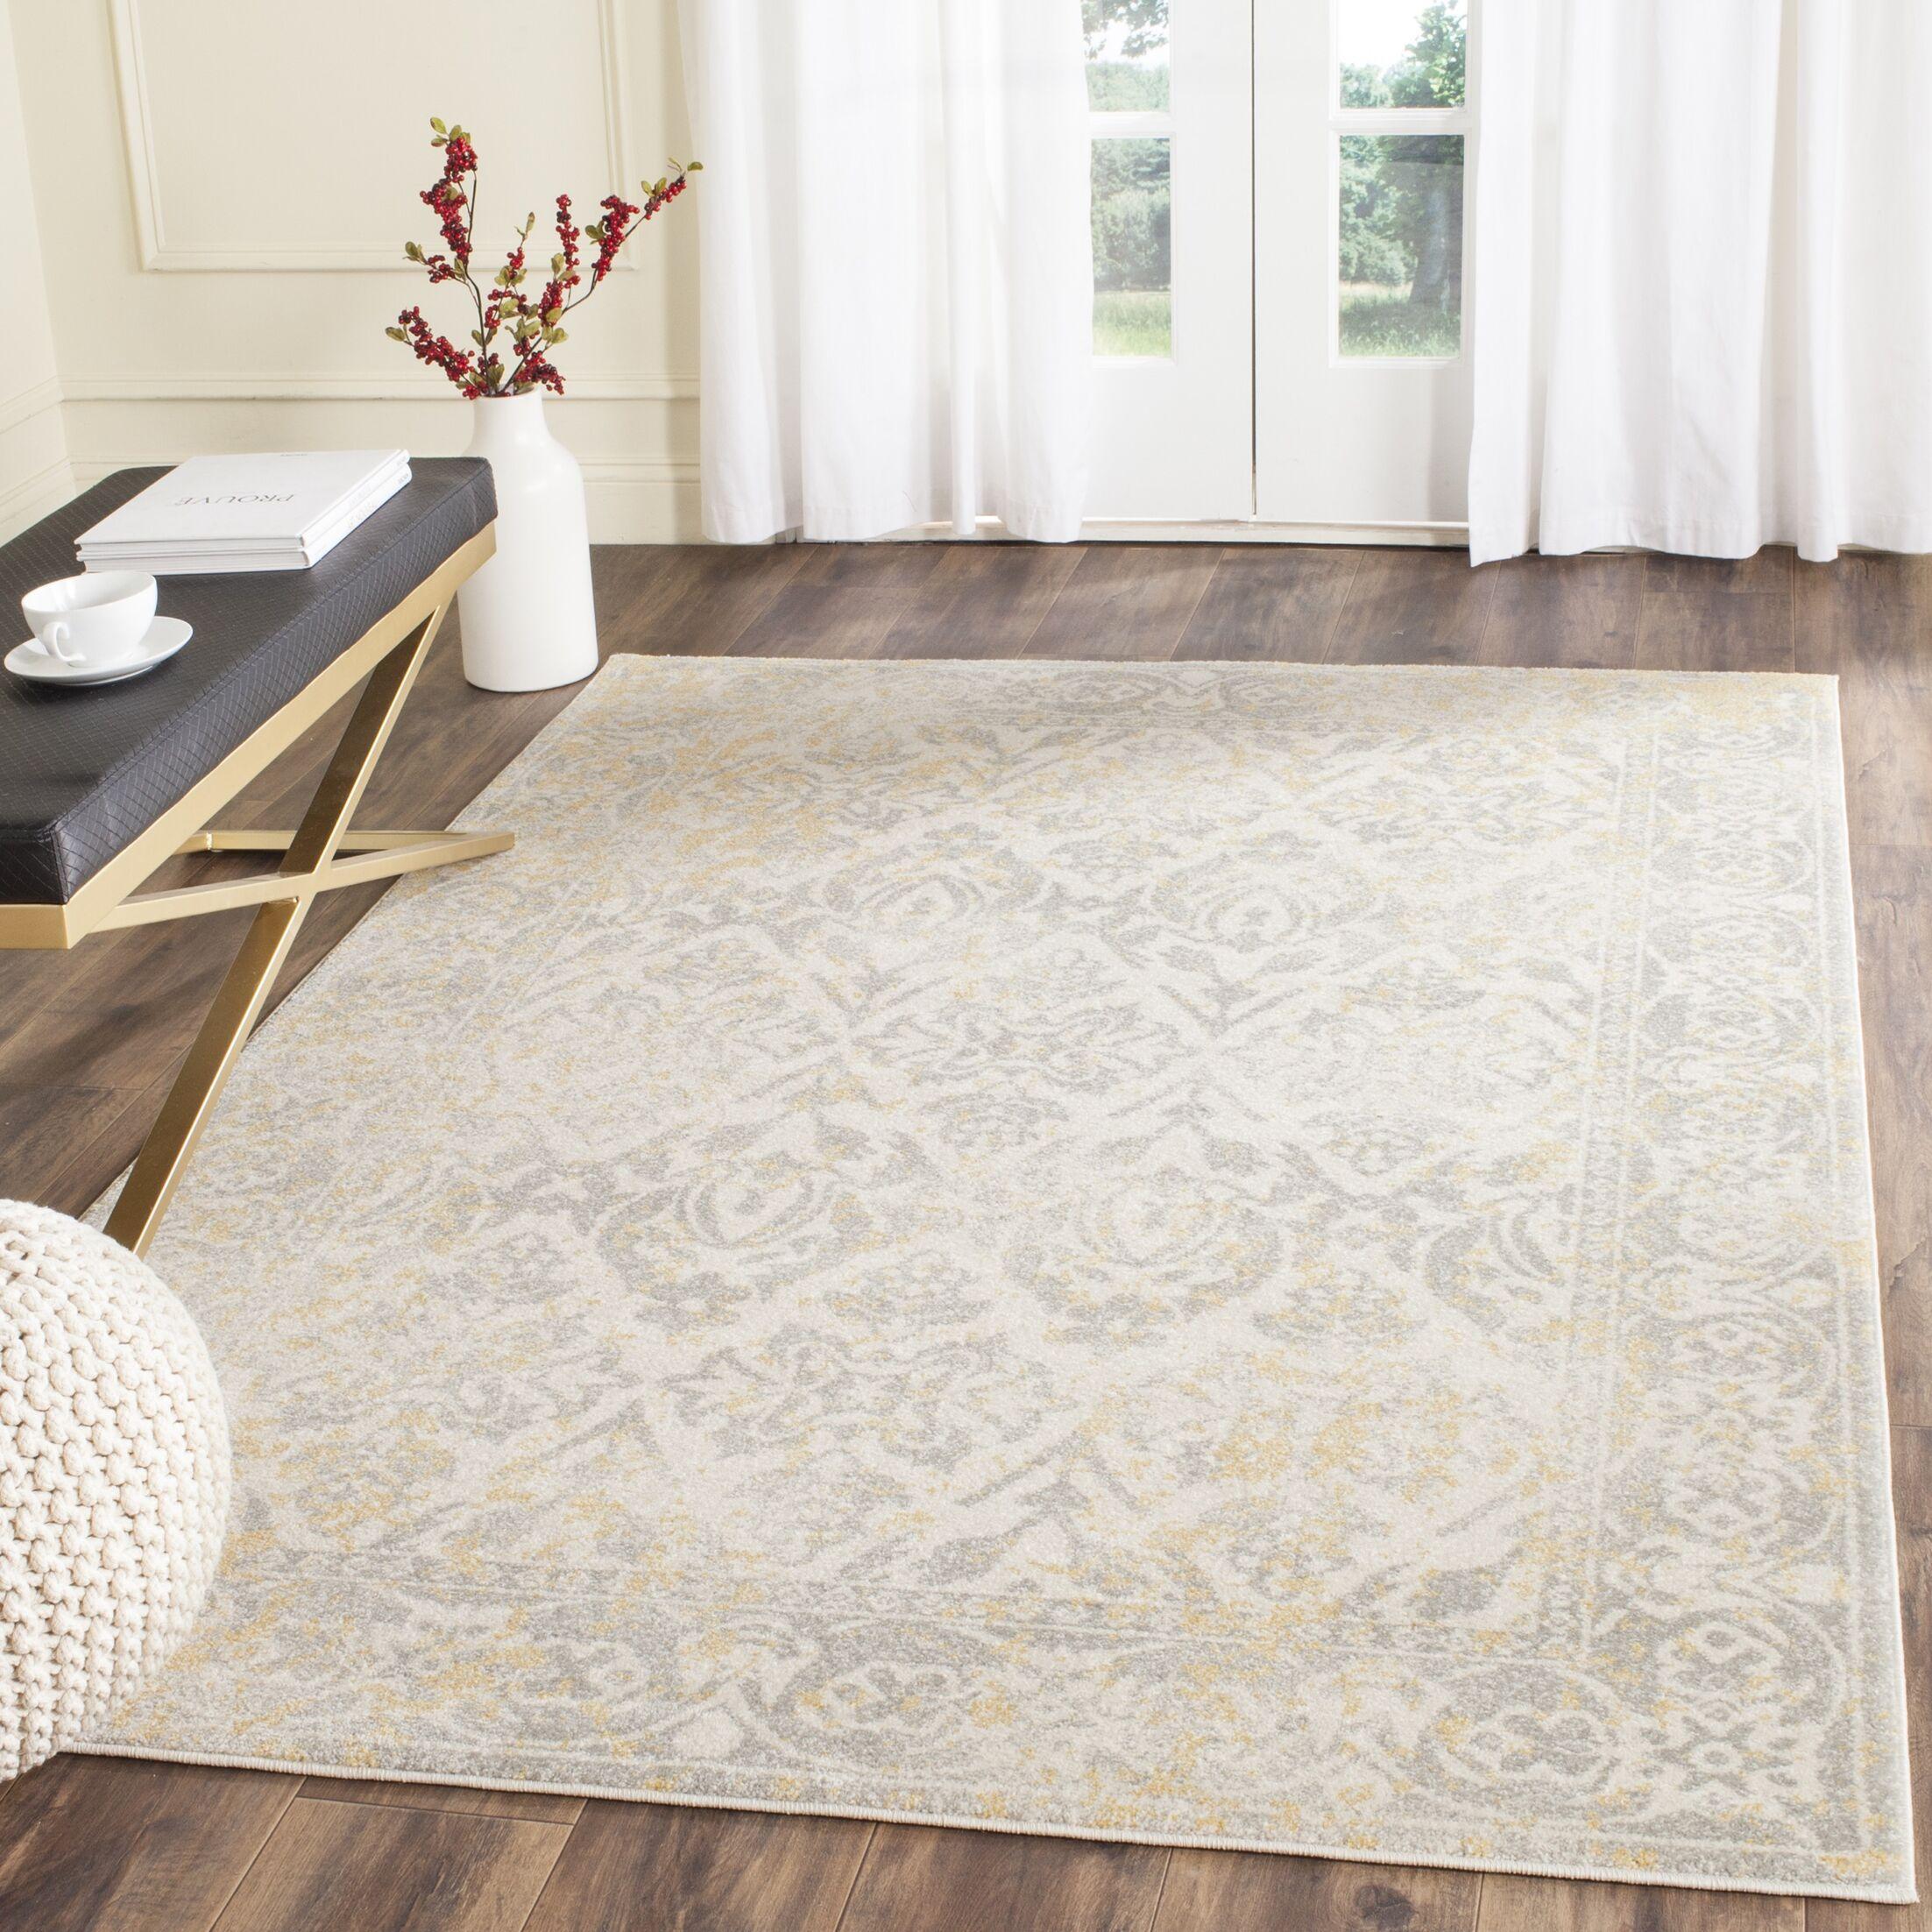 Montelimar Ivory/Grey Area Rug Rug Size: Rectangle 8' x 10'